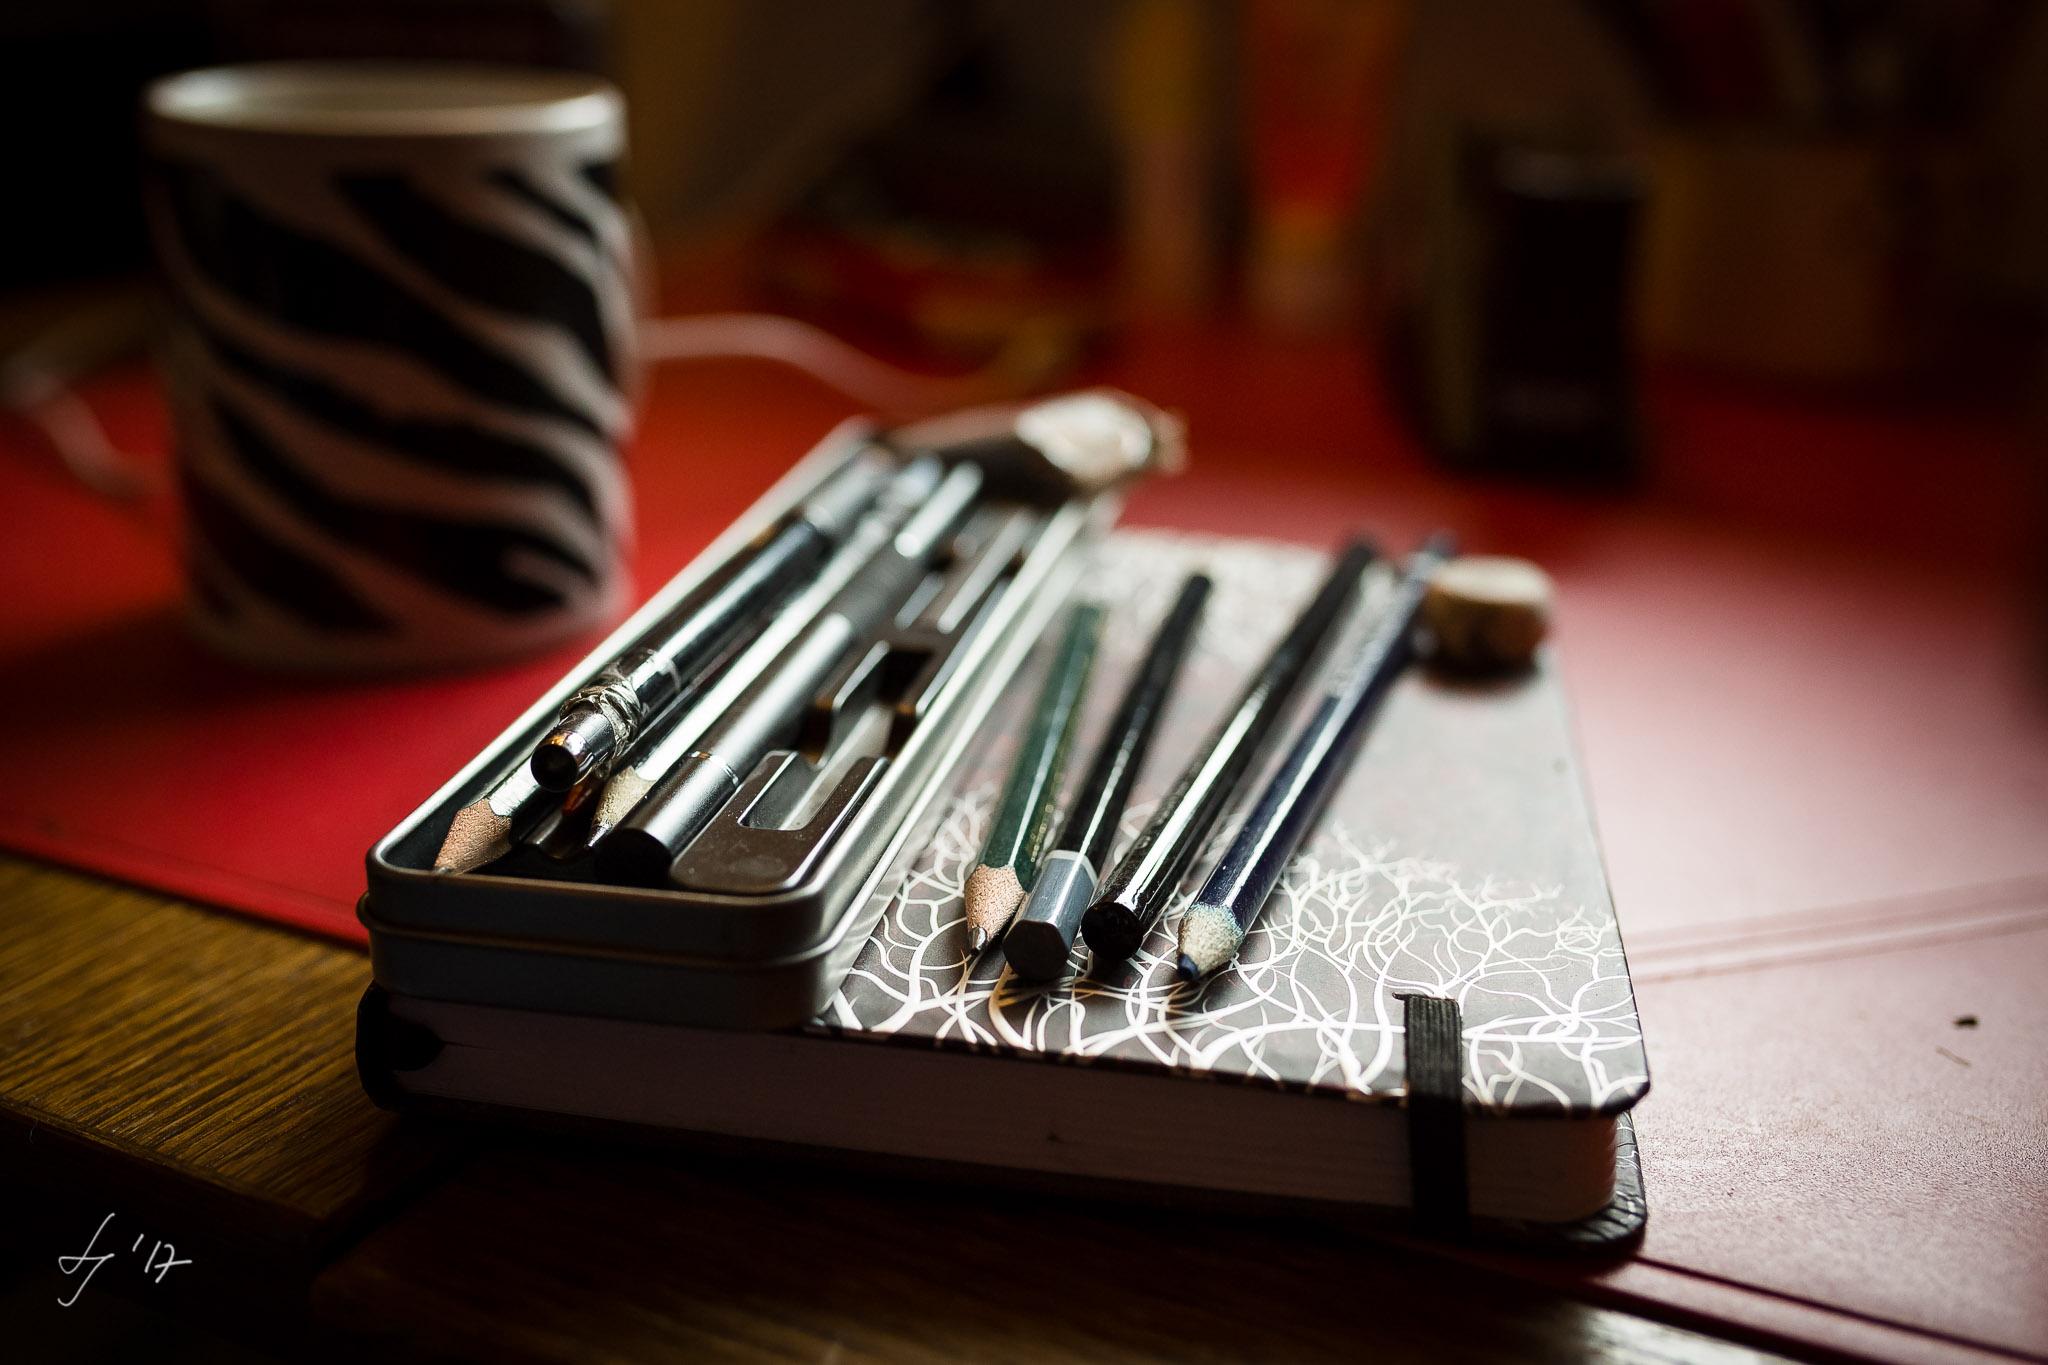 Arbeitsutensilien von Linestyle Artwork. Künstlerportrait von Fotograf Düren.